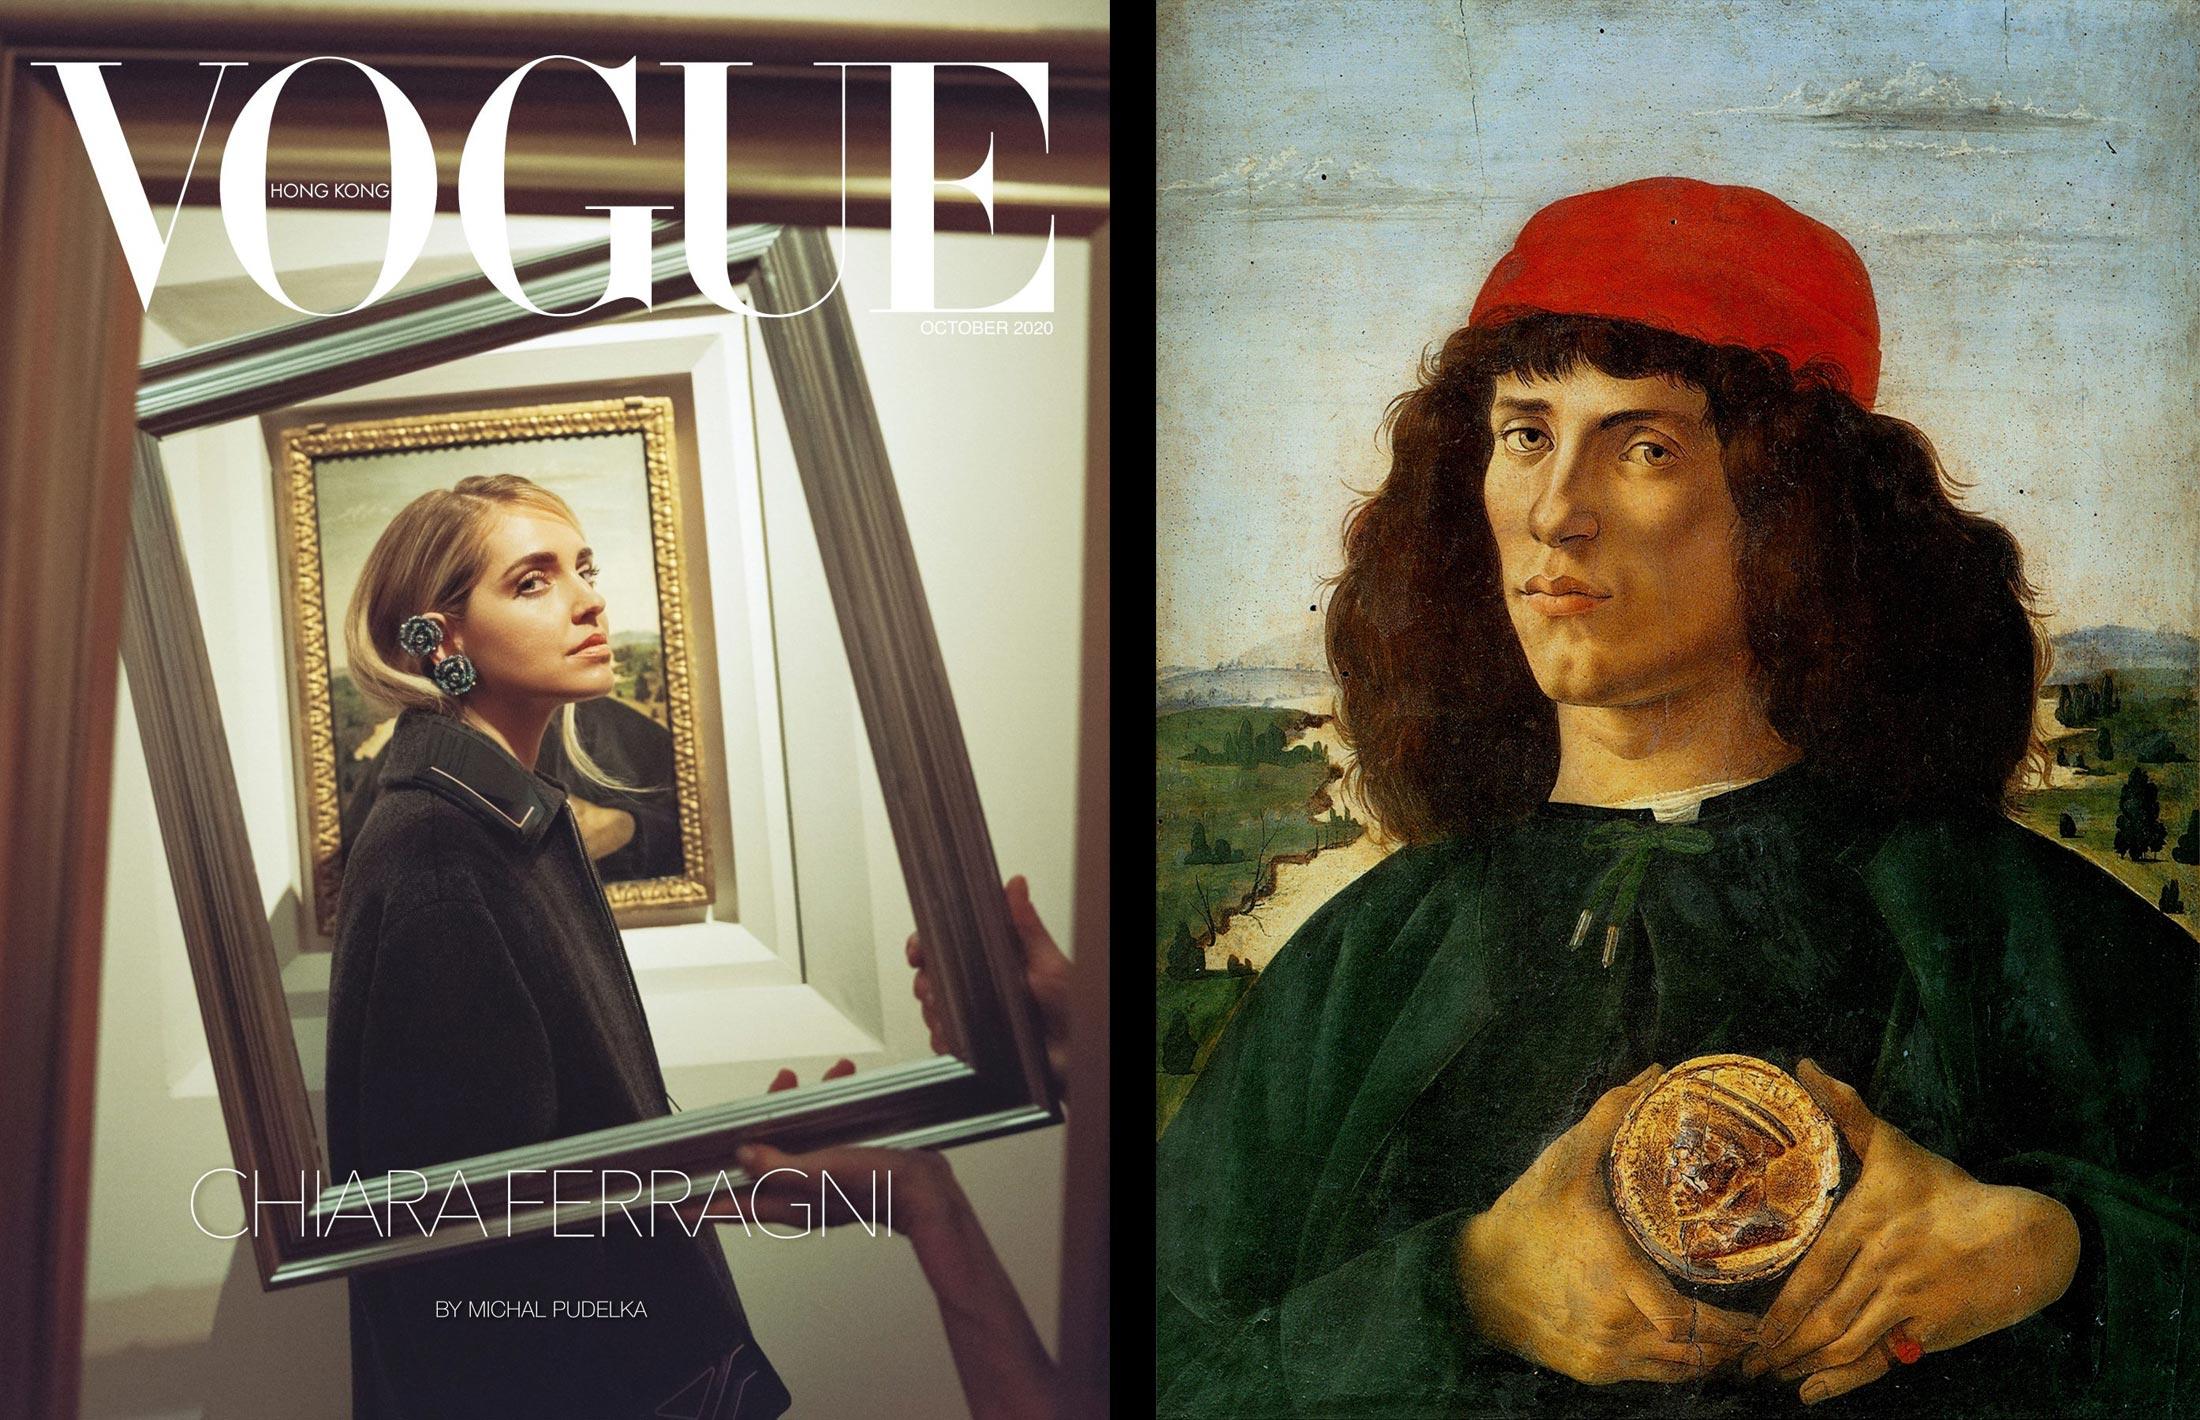 Esce la cover di Vogue con Chiara Ferragni agli Uffizi: e l'influencer impalla Botticelli